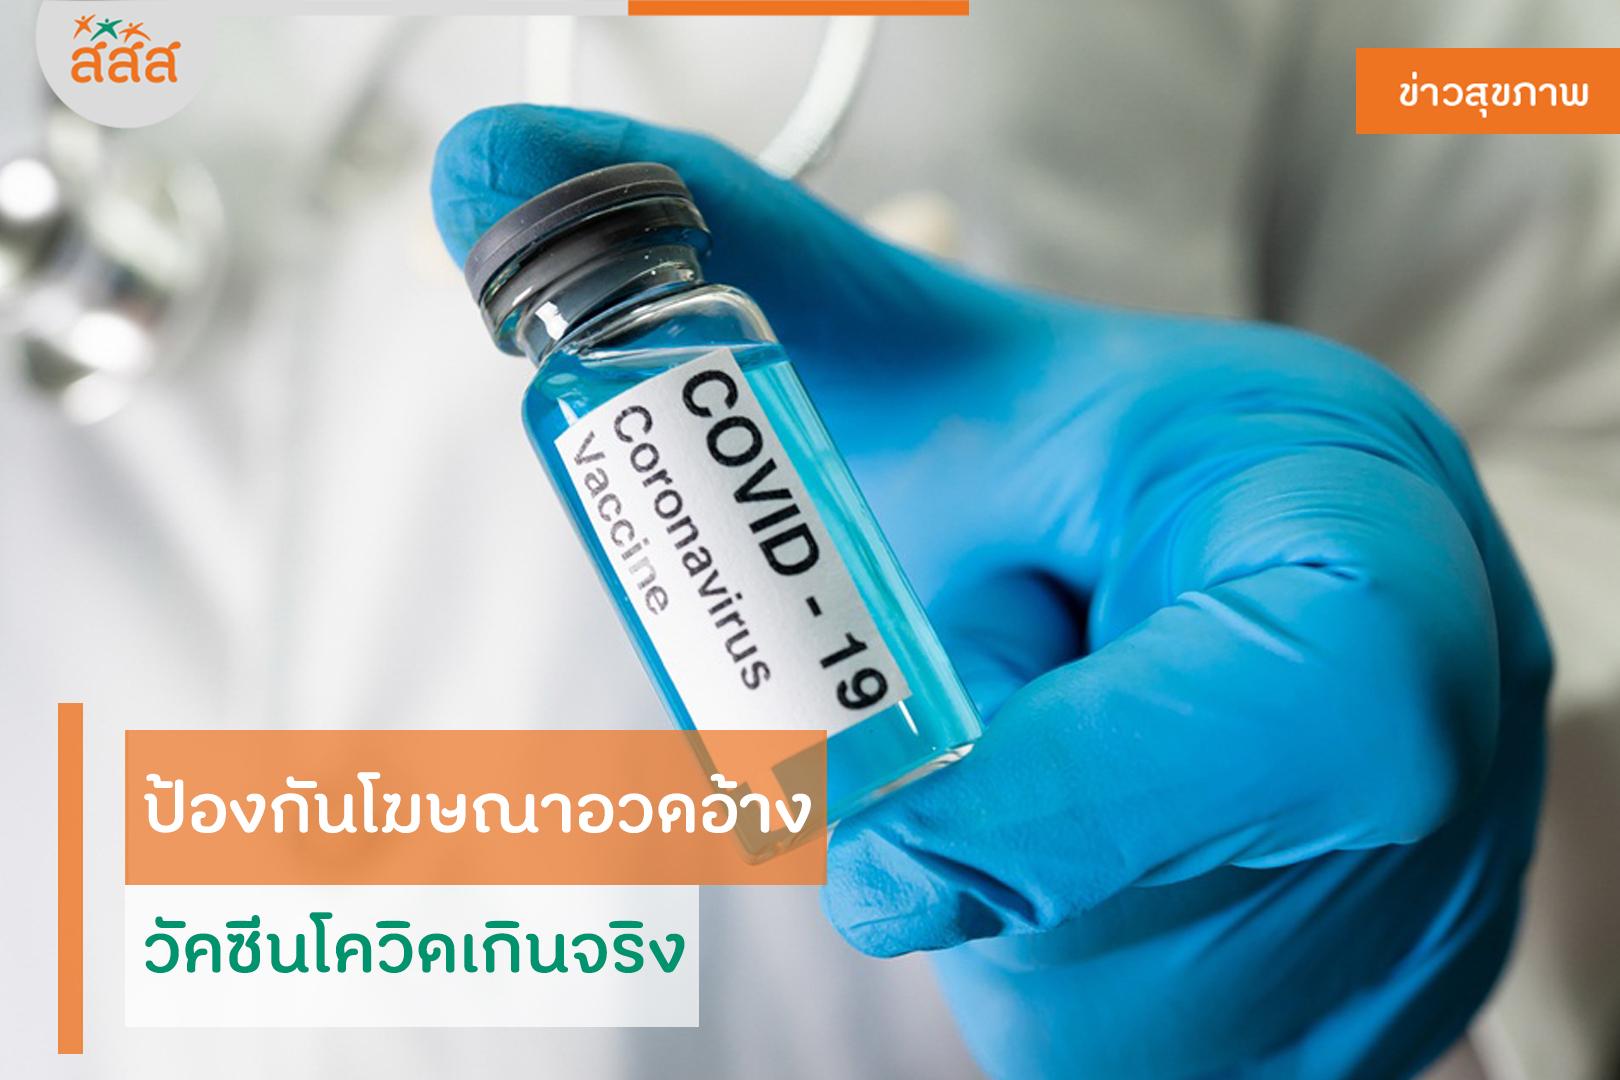 ป้องกันโฆษณาอวดอ้าง วัคซีนโควิดเกินจริง thaihealth